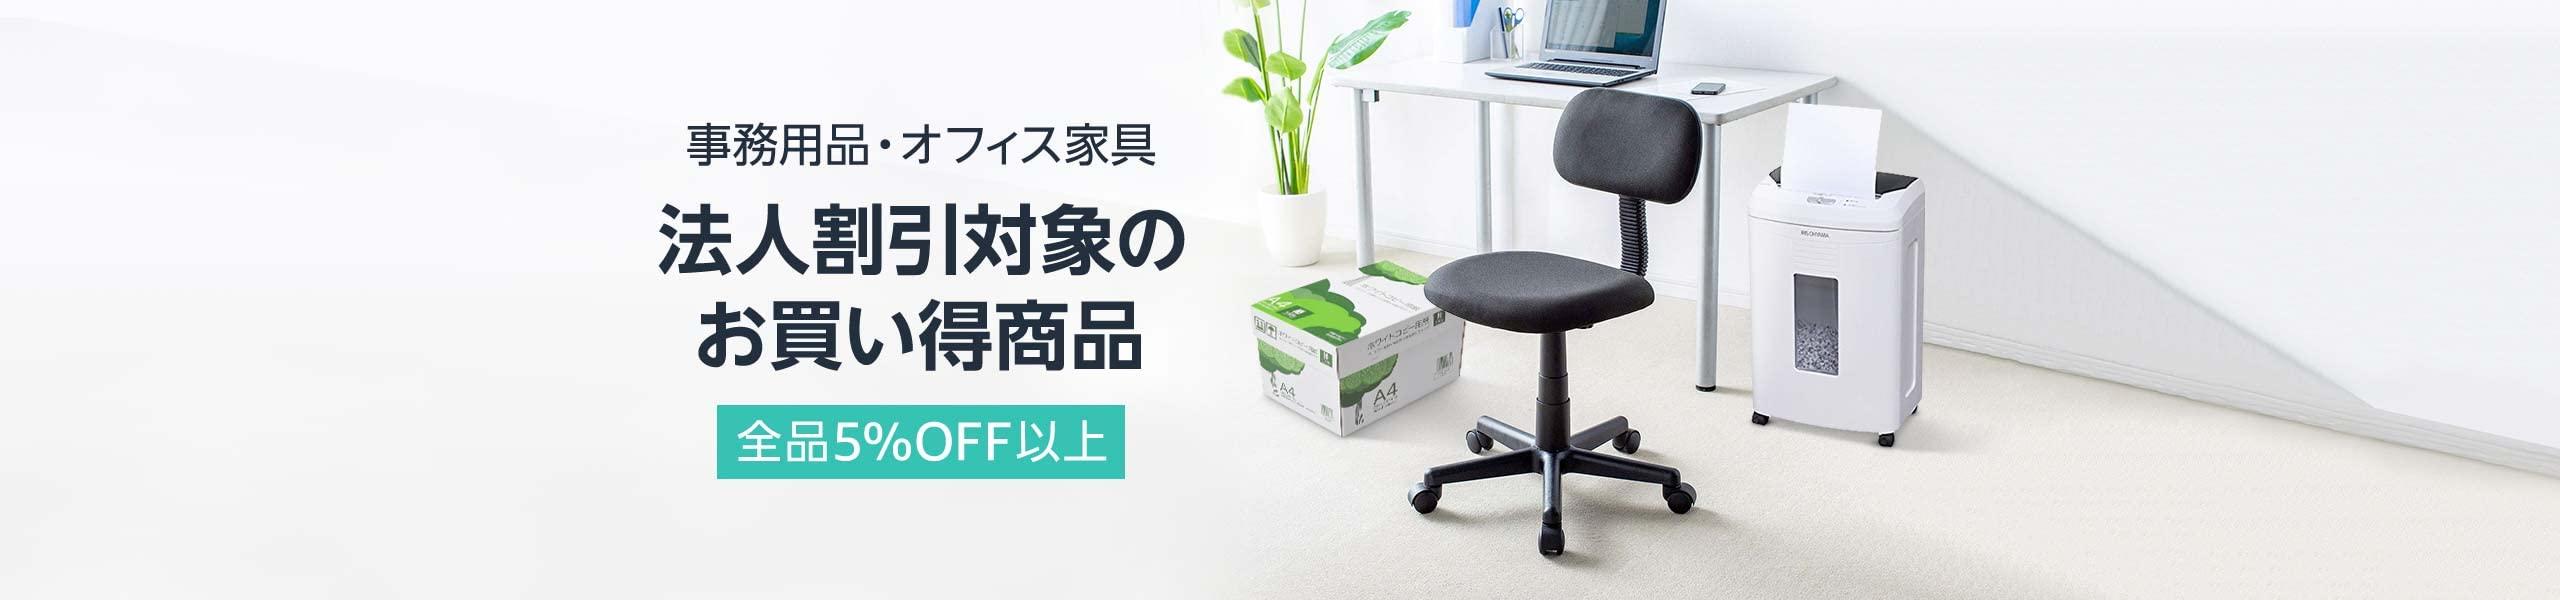 文房具・事務用品・オフィス家具の法人割引対象商品